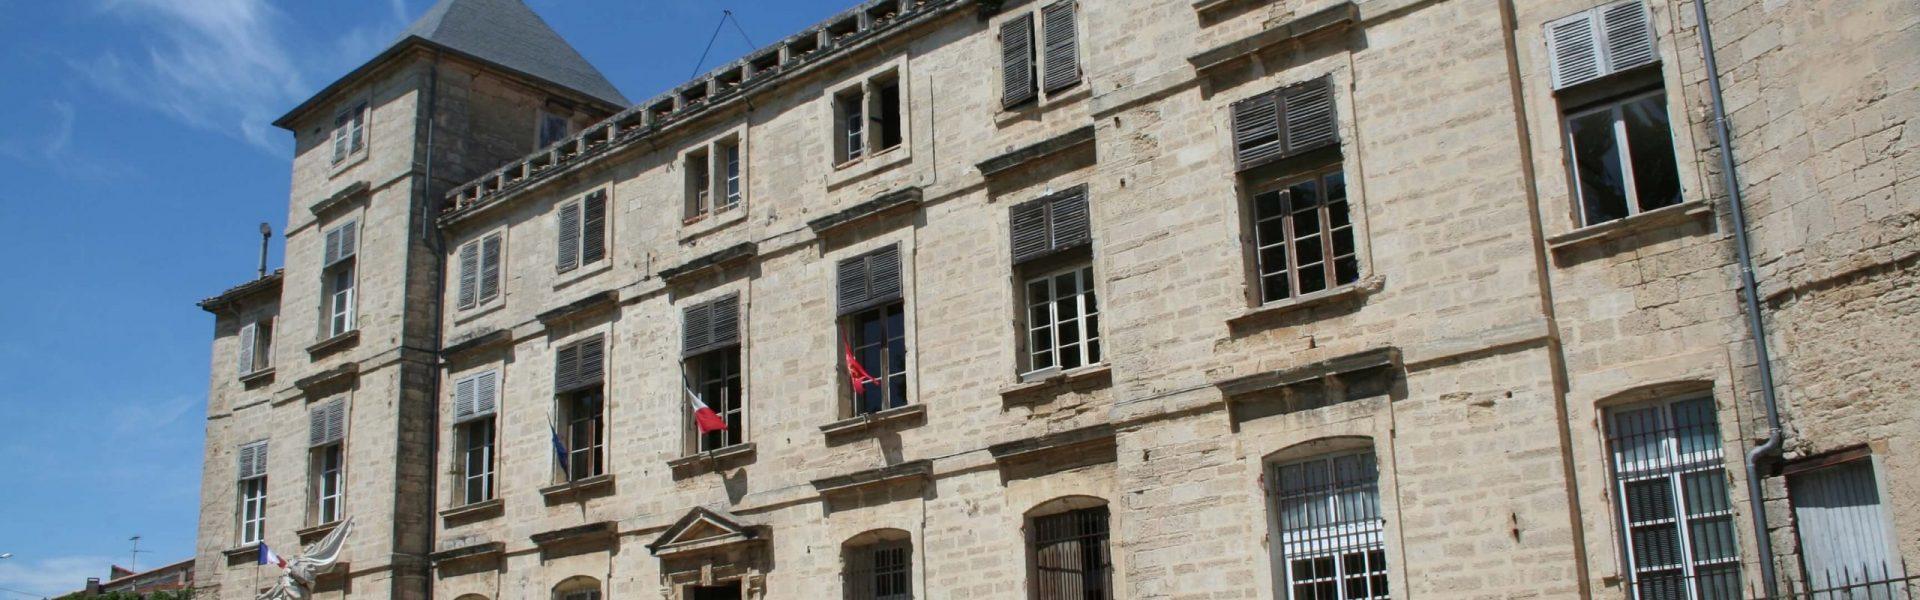 Bâtiment de la mairie de la ville de Pignan